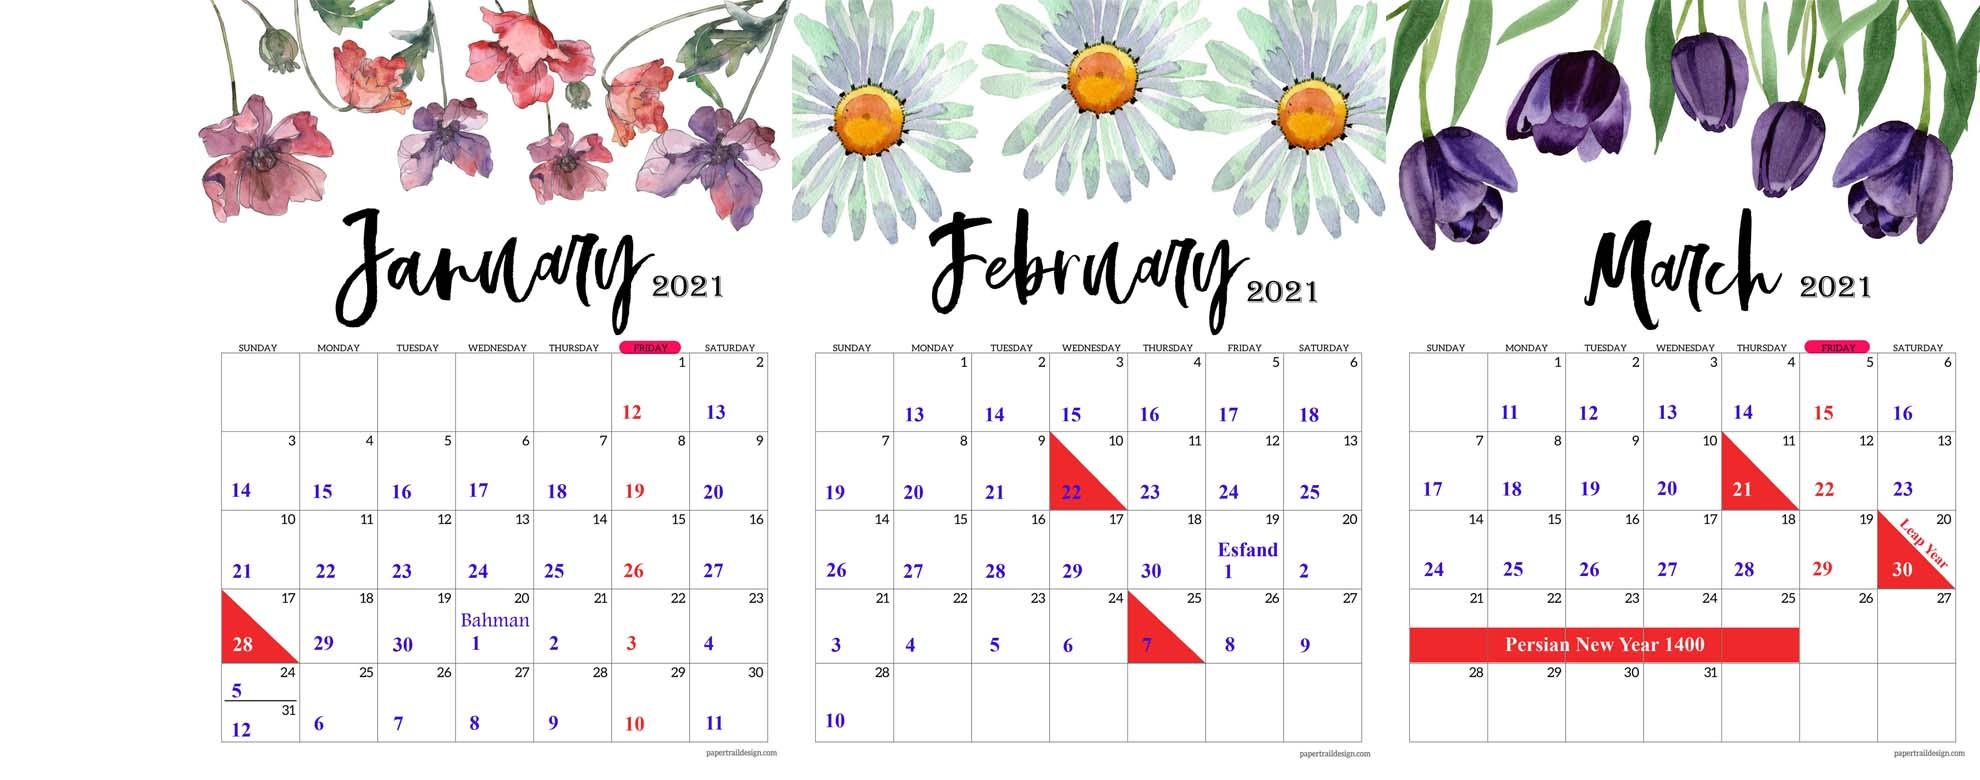 Persian Calendar, a Solar Hijri Calendar  Julian dates and Persian